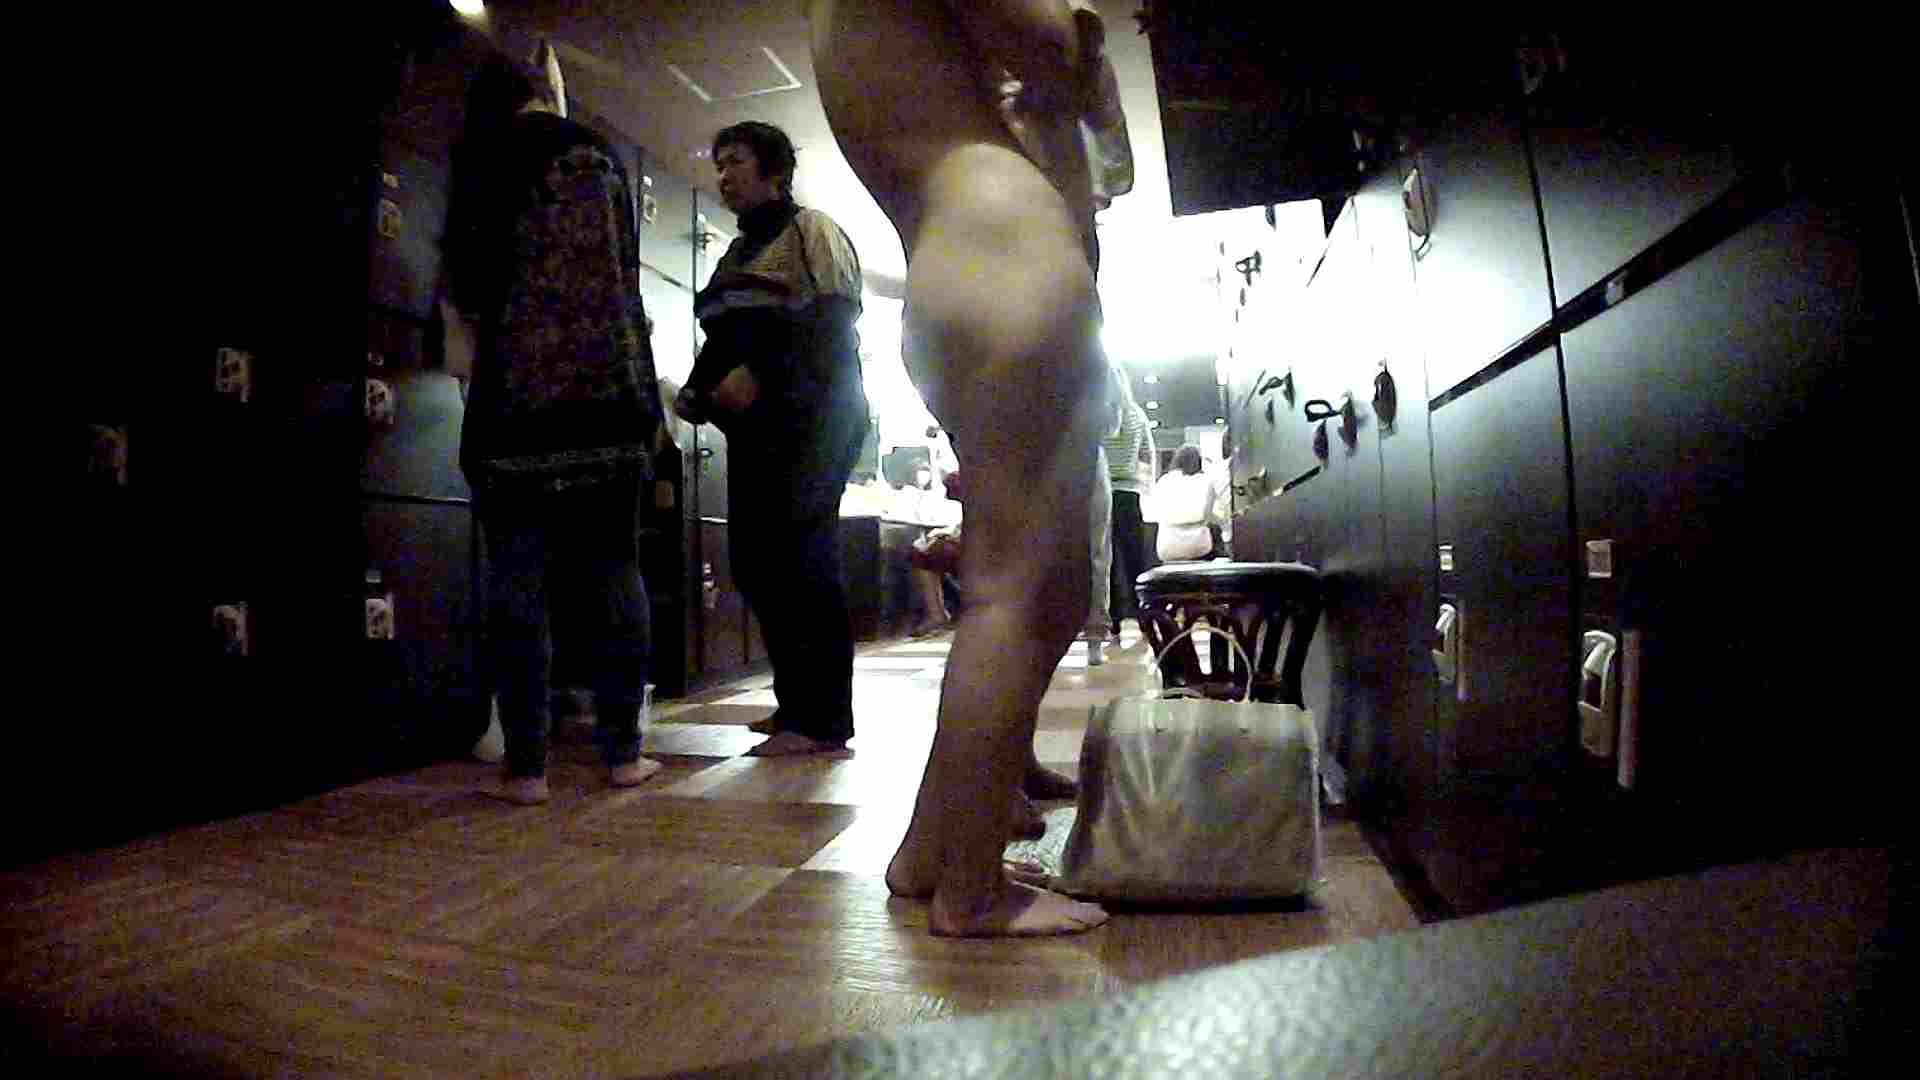 脱衣所!オムニバス 大混雑!注目はあの人の御御足でしょう。 潜入エロ調査   銭湯  51連発 45